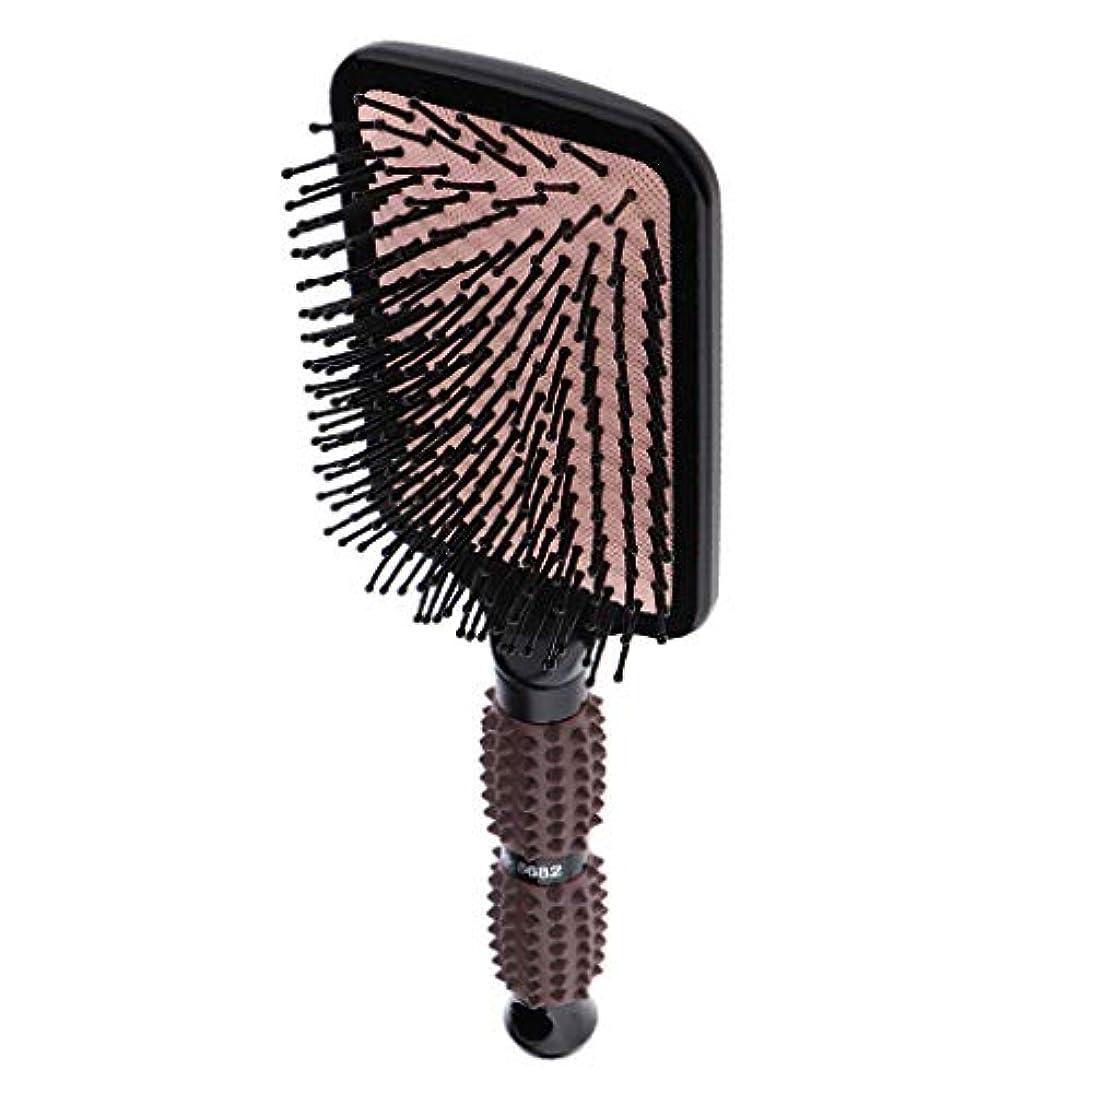 美徳辛い付き添い人ヘアブラシ 櫛 くし 頭皮/肩/顔マッサージコーム 美髪ケア 血行促進 薄毛改善 全2サイズ - スクエア